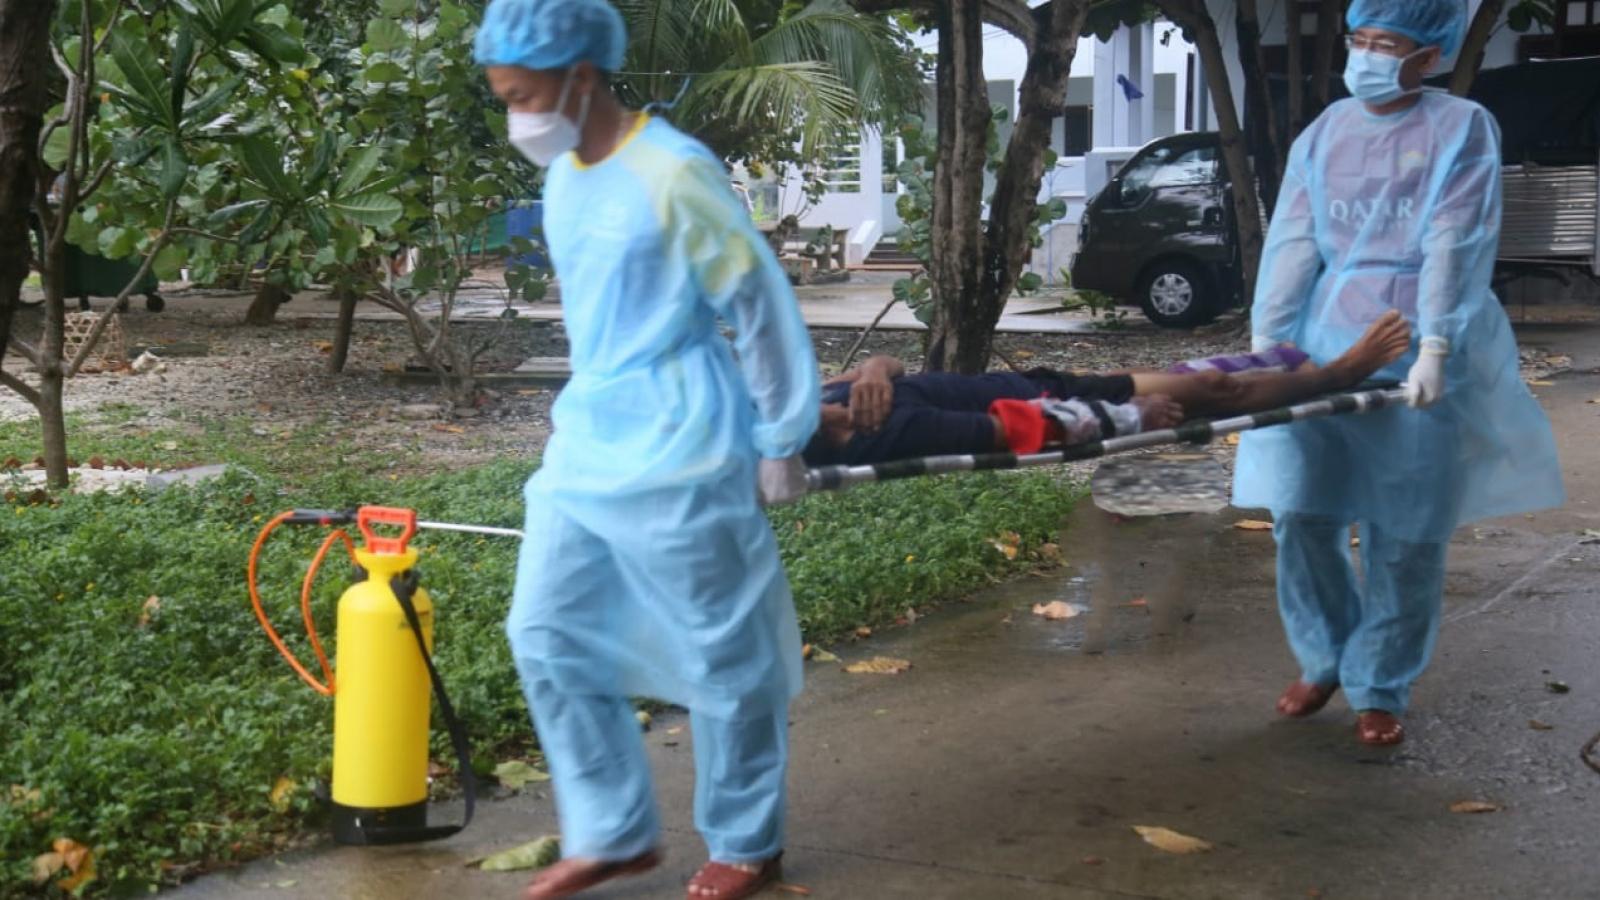 Trung tâm y tế Thị trấn Trường Sa cứu giúp ngư dân bị tai nạn lao động trên biển